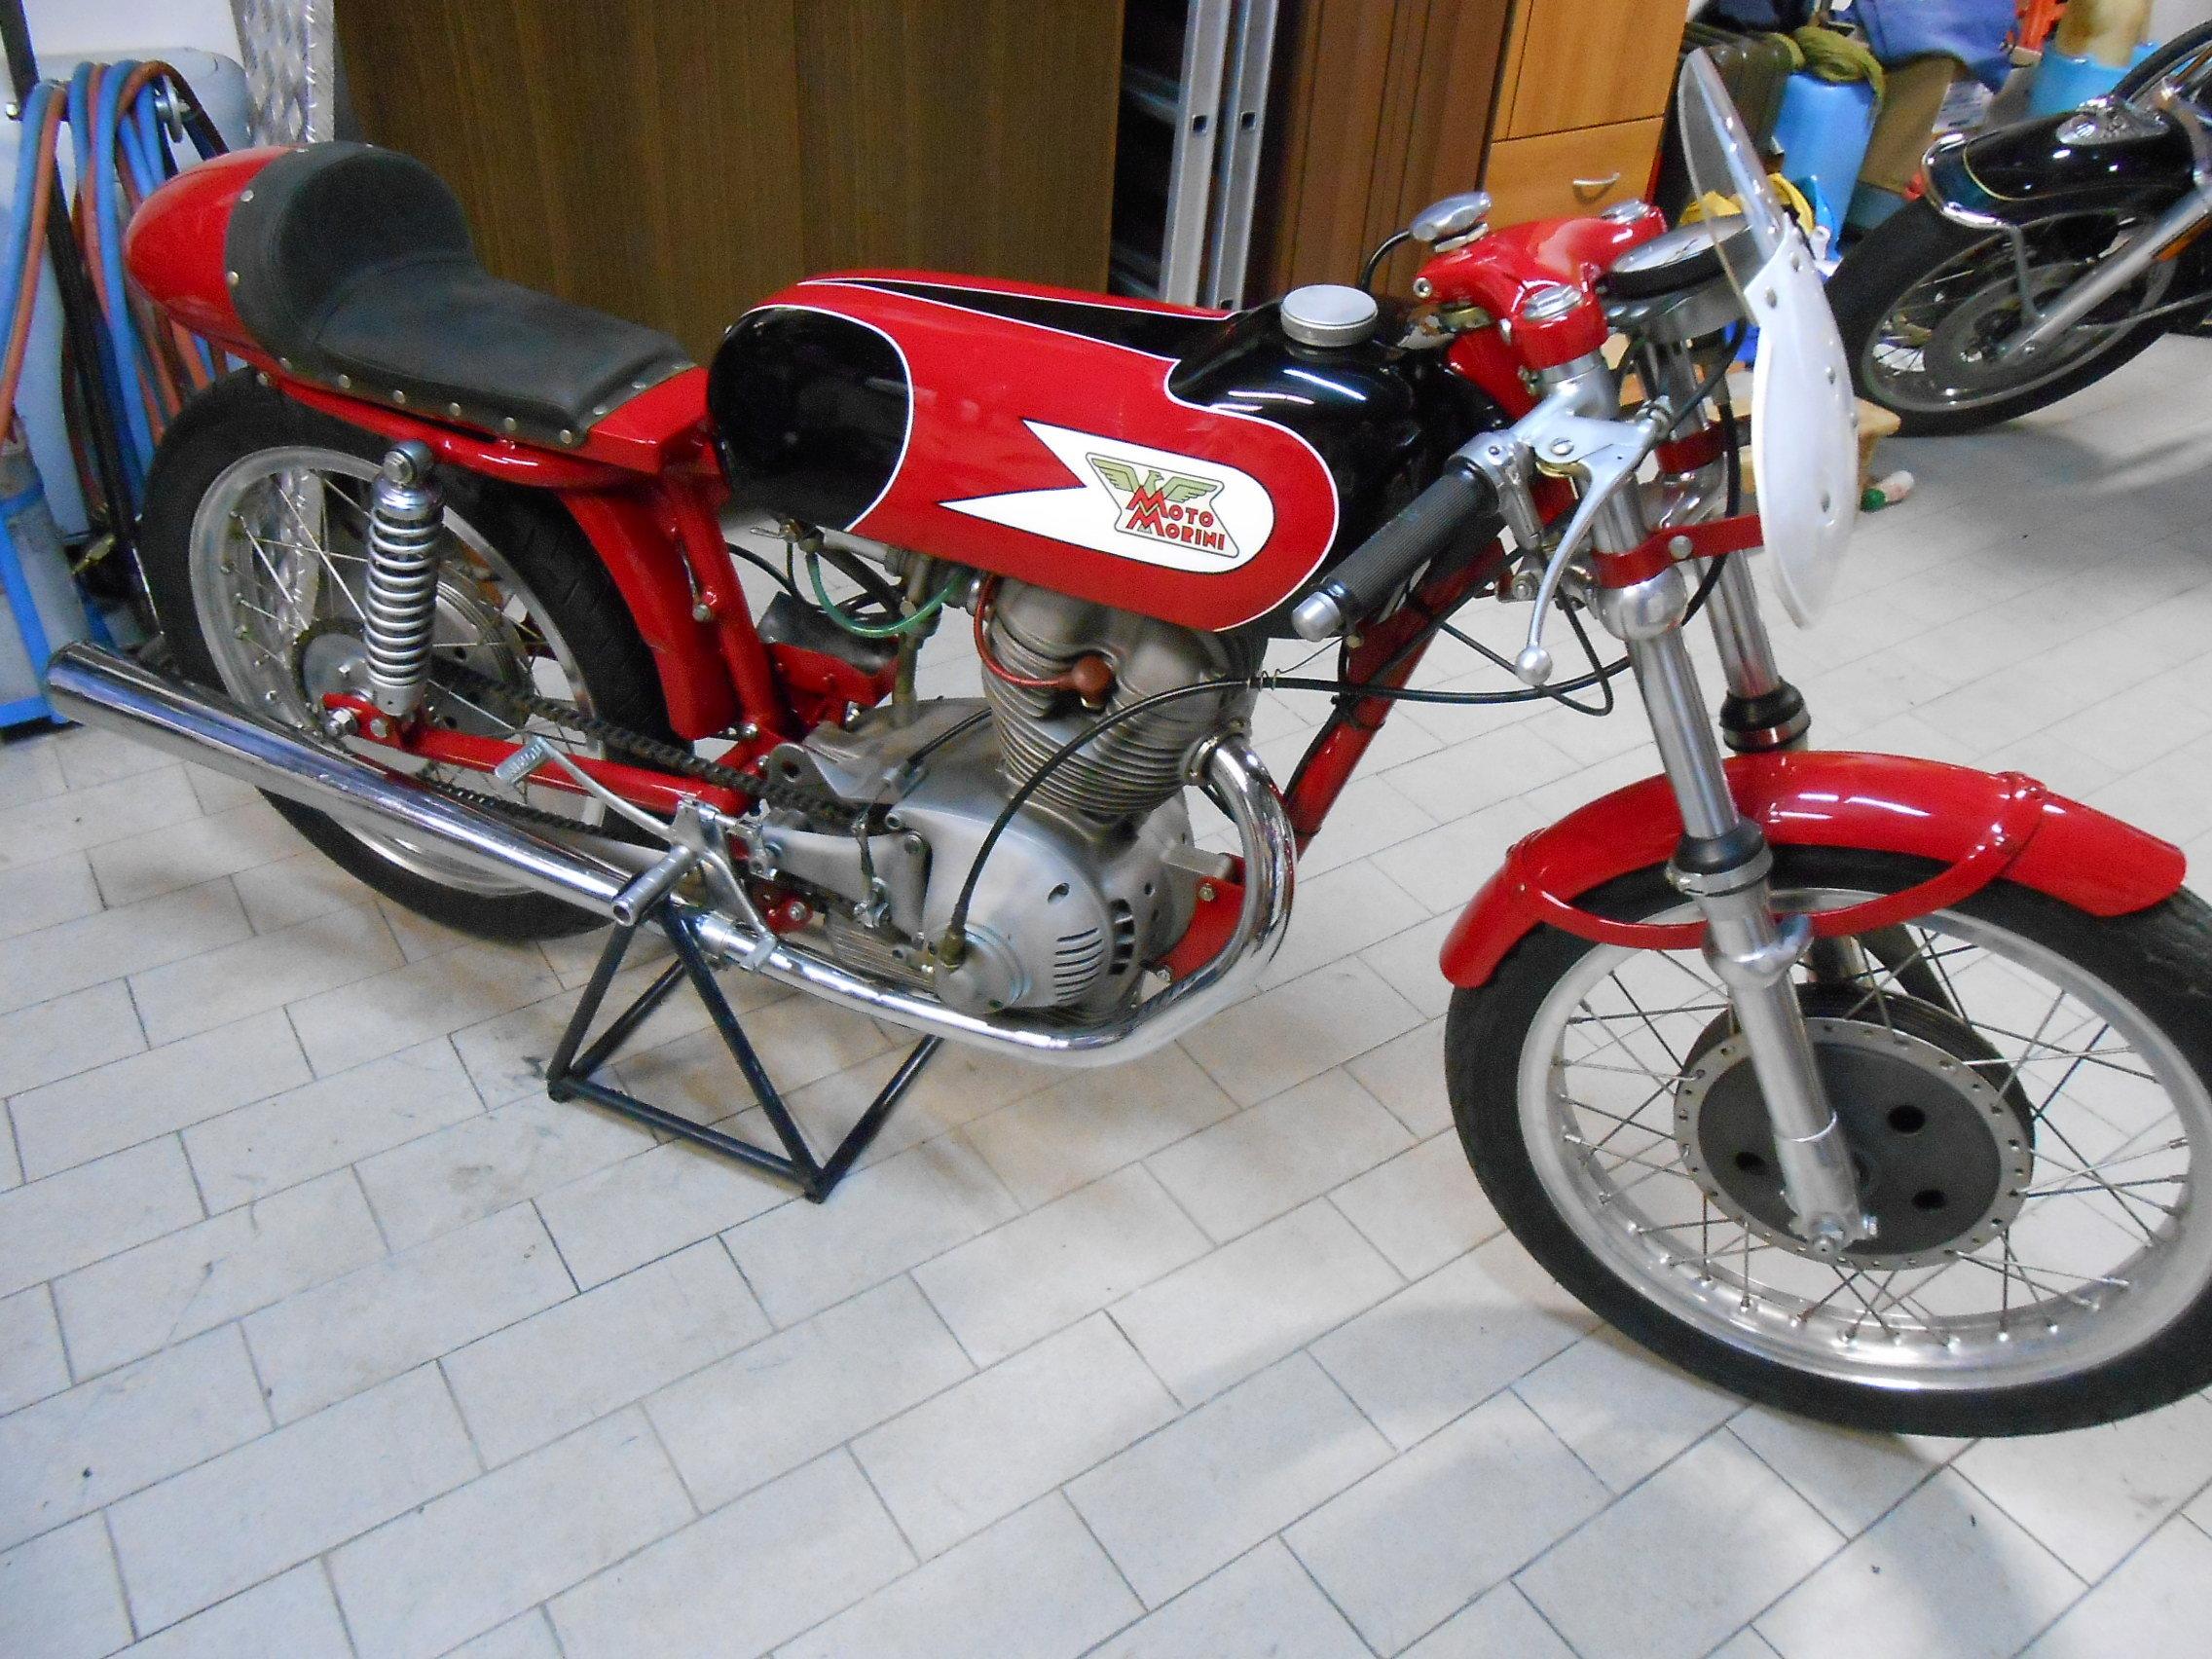 Moto Morini 175 Settebello Agostini